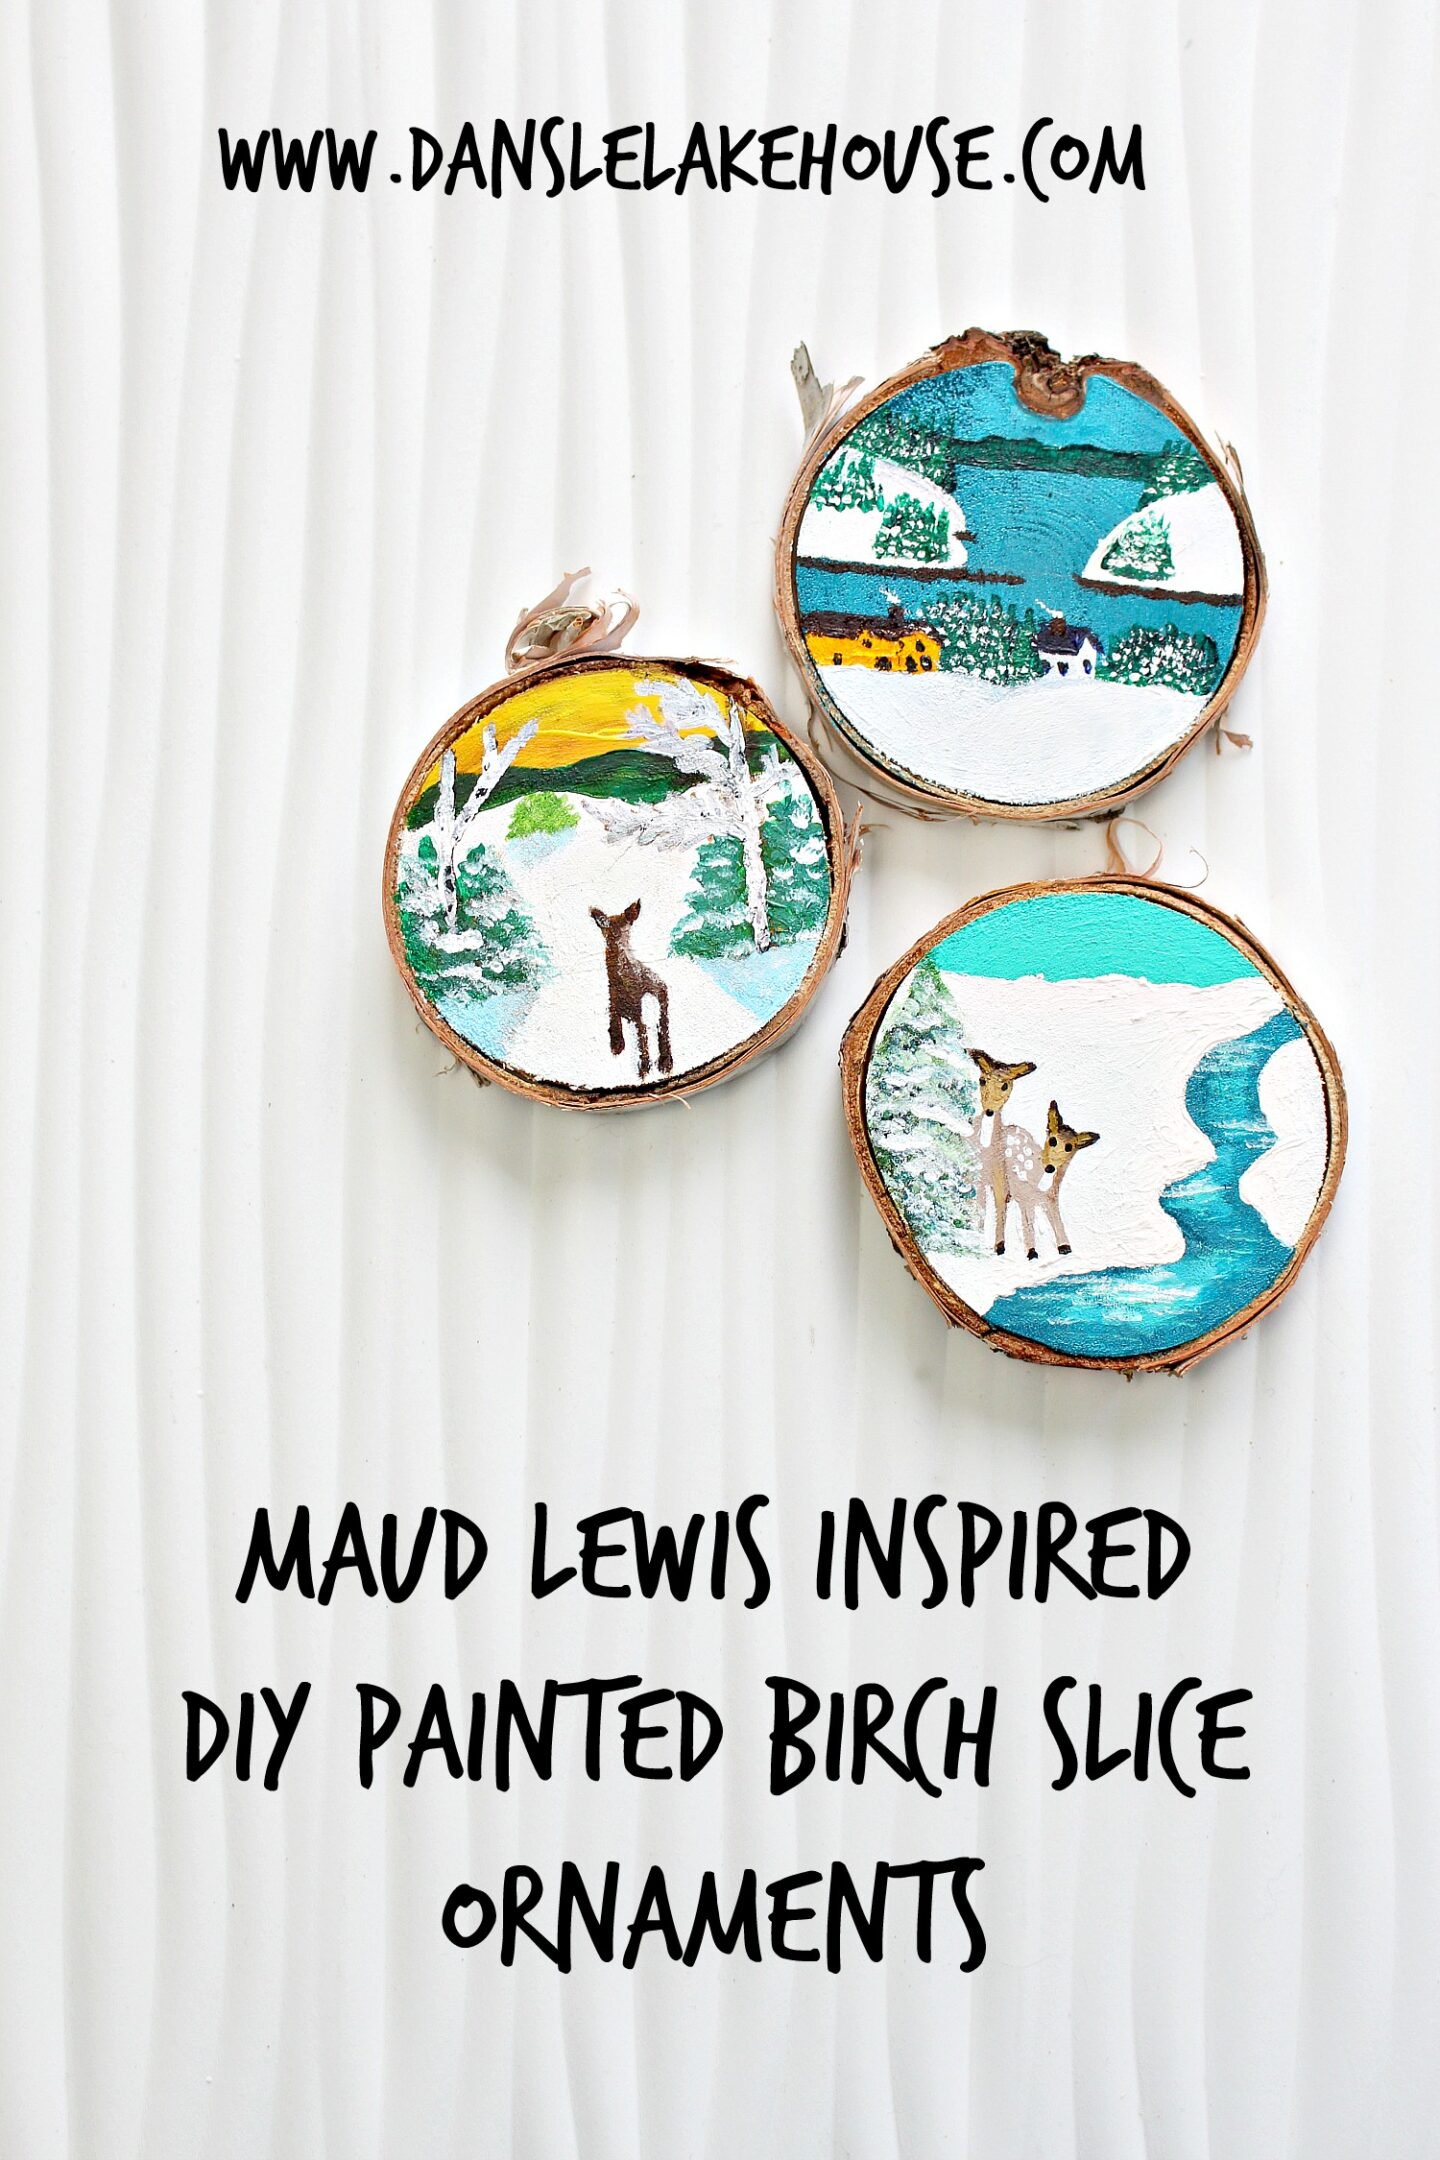 Ornements coupés en bouleau peints à la main (inspirés de Maud Lewis)